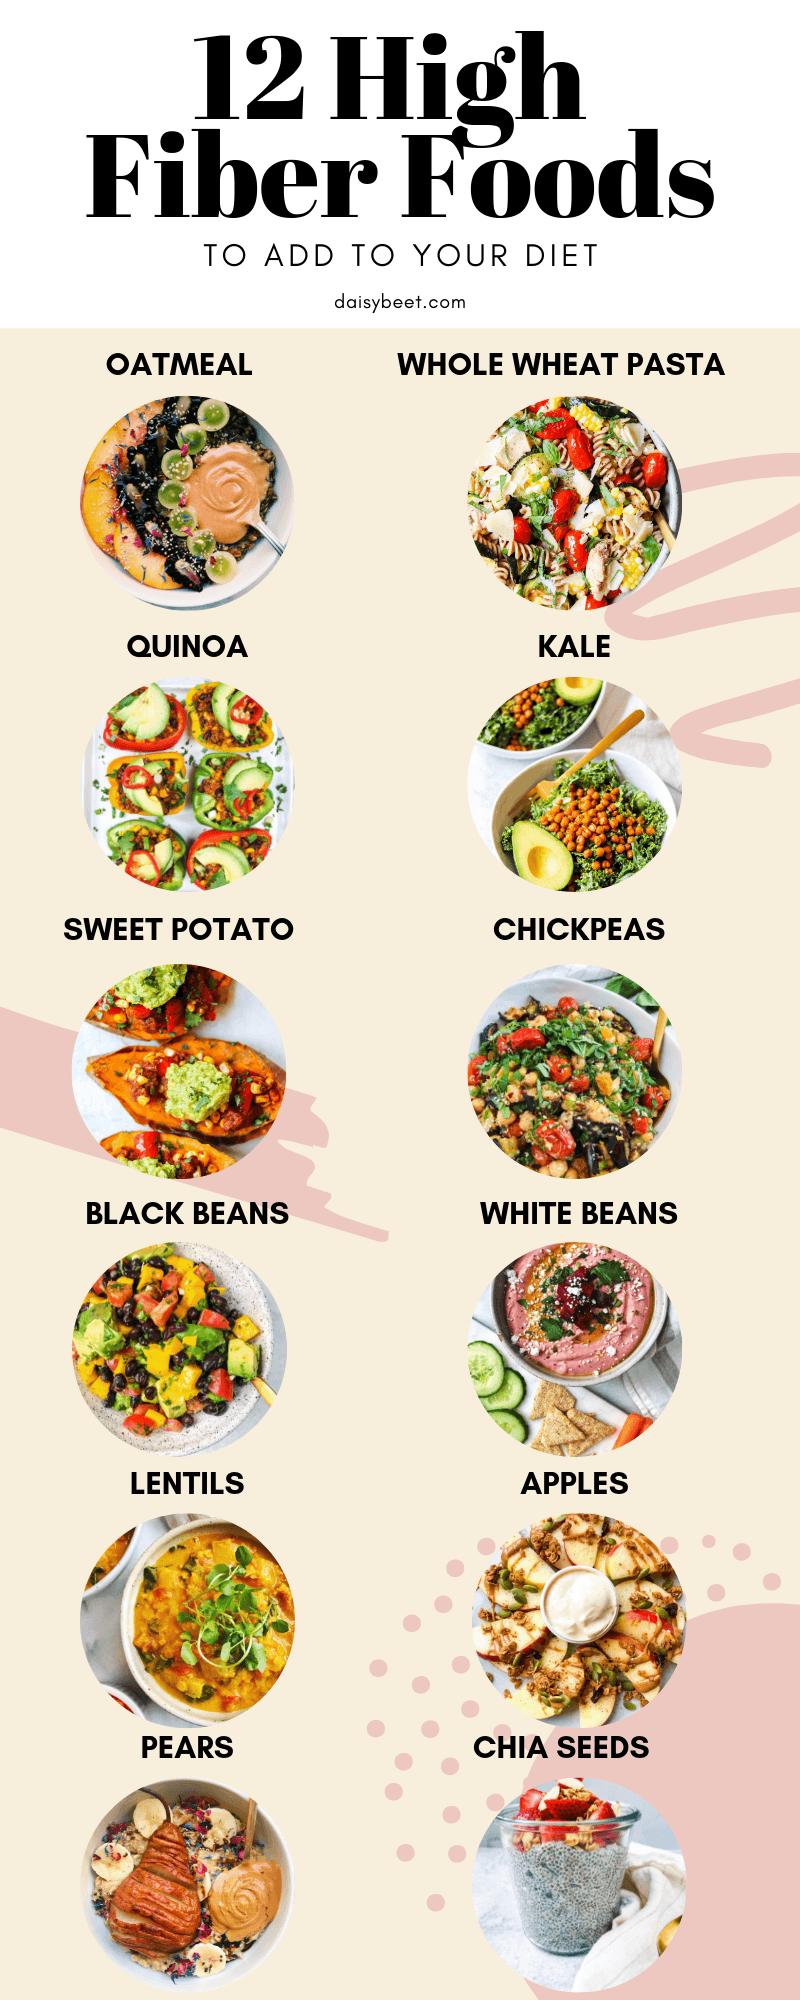 foods high fiber diet